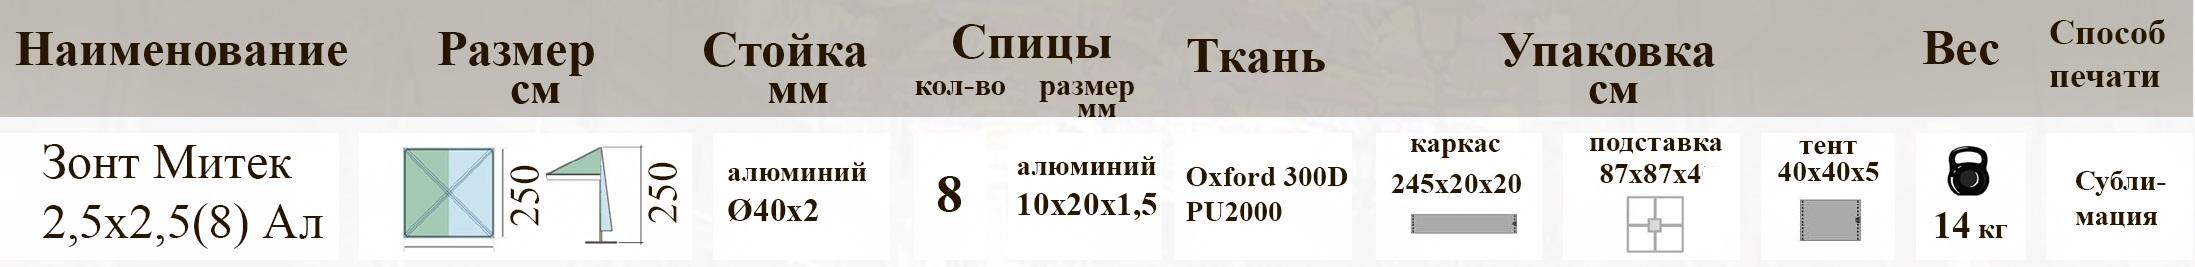 Зонт для уличного кафе Митек 2.5х2.5 с воланом (8 спиц, Алюминий)